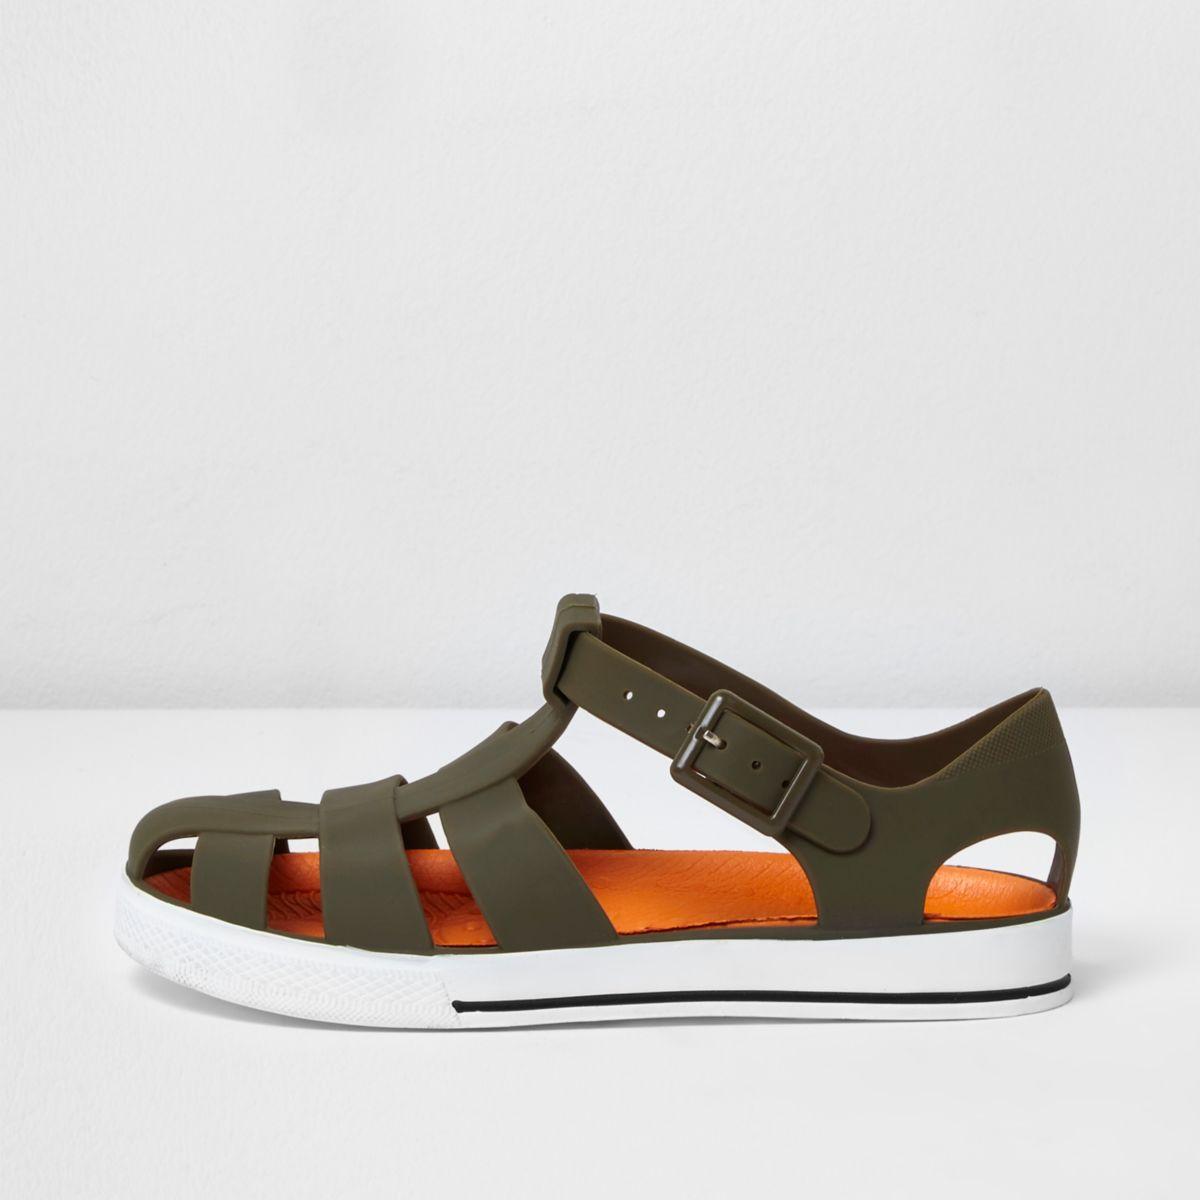 Boys khaki jelly sandals